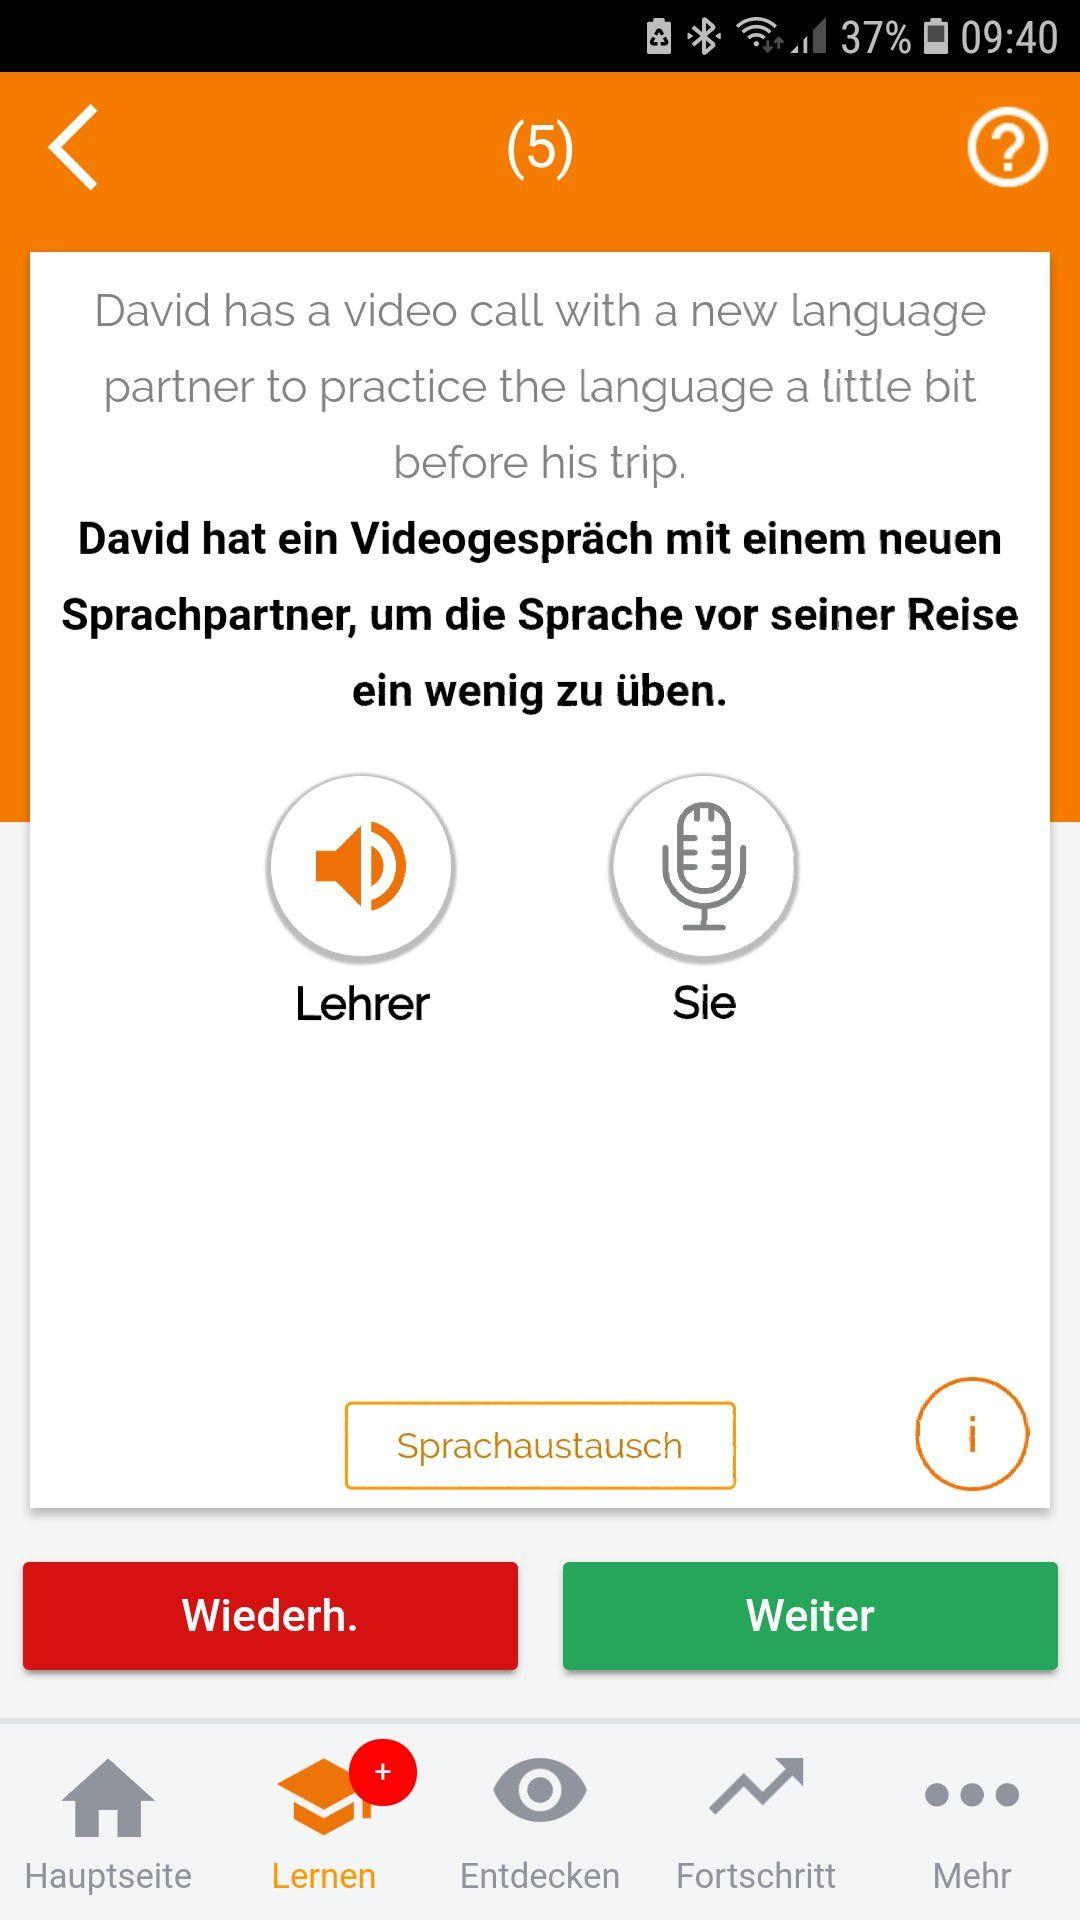 Die Besten Android Apps Fürs Sprachenlernen Pc Welt